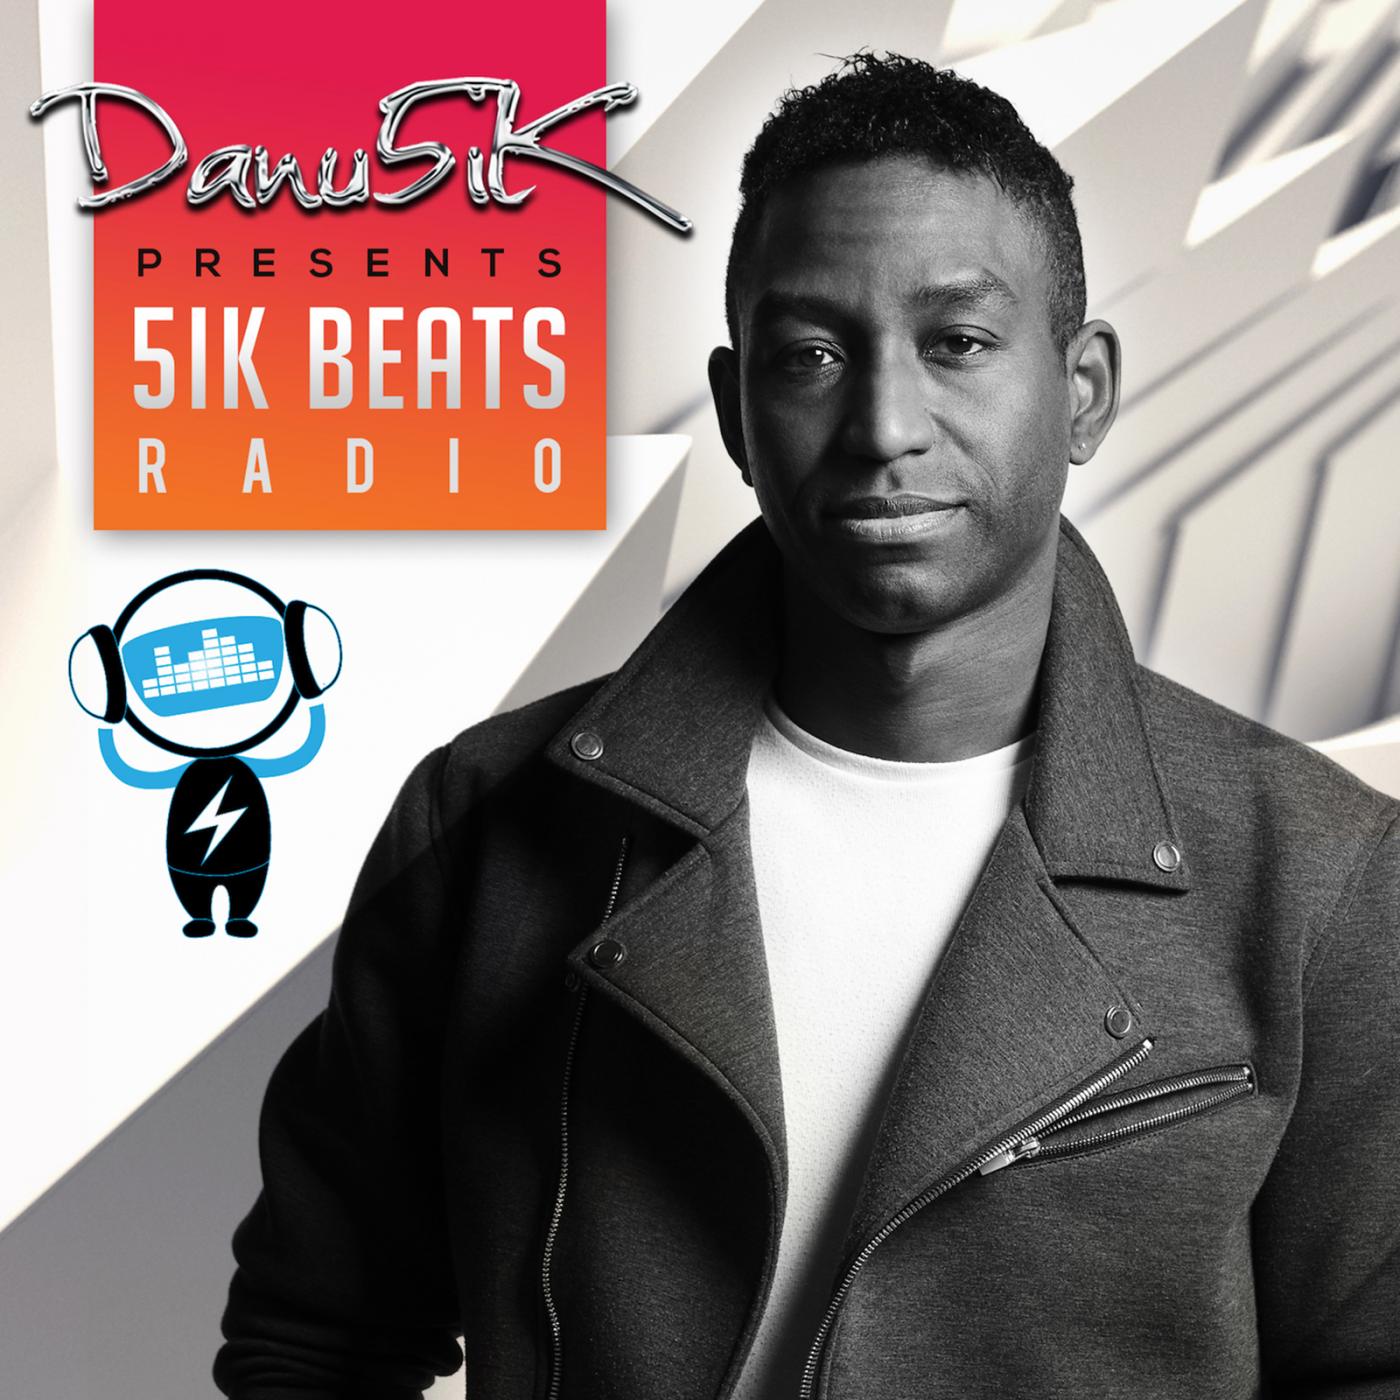 5ik Beats Radio 096 | Danu5ik